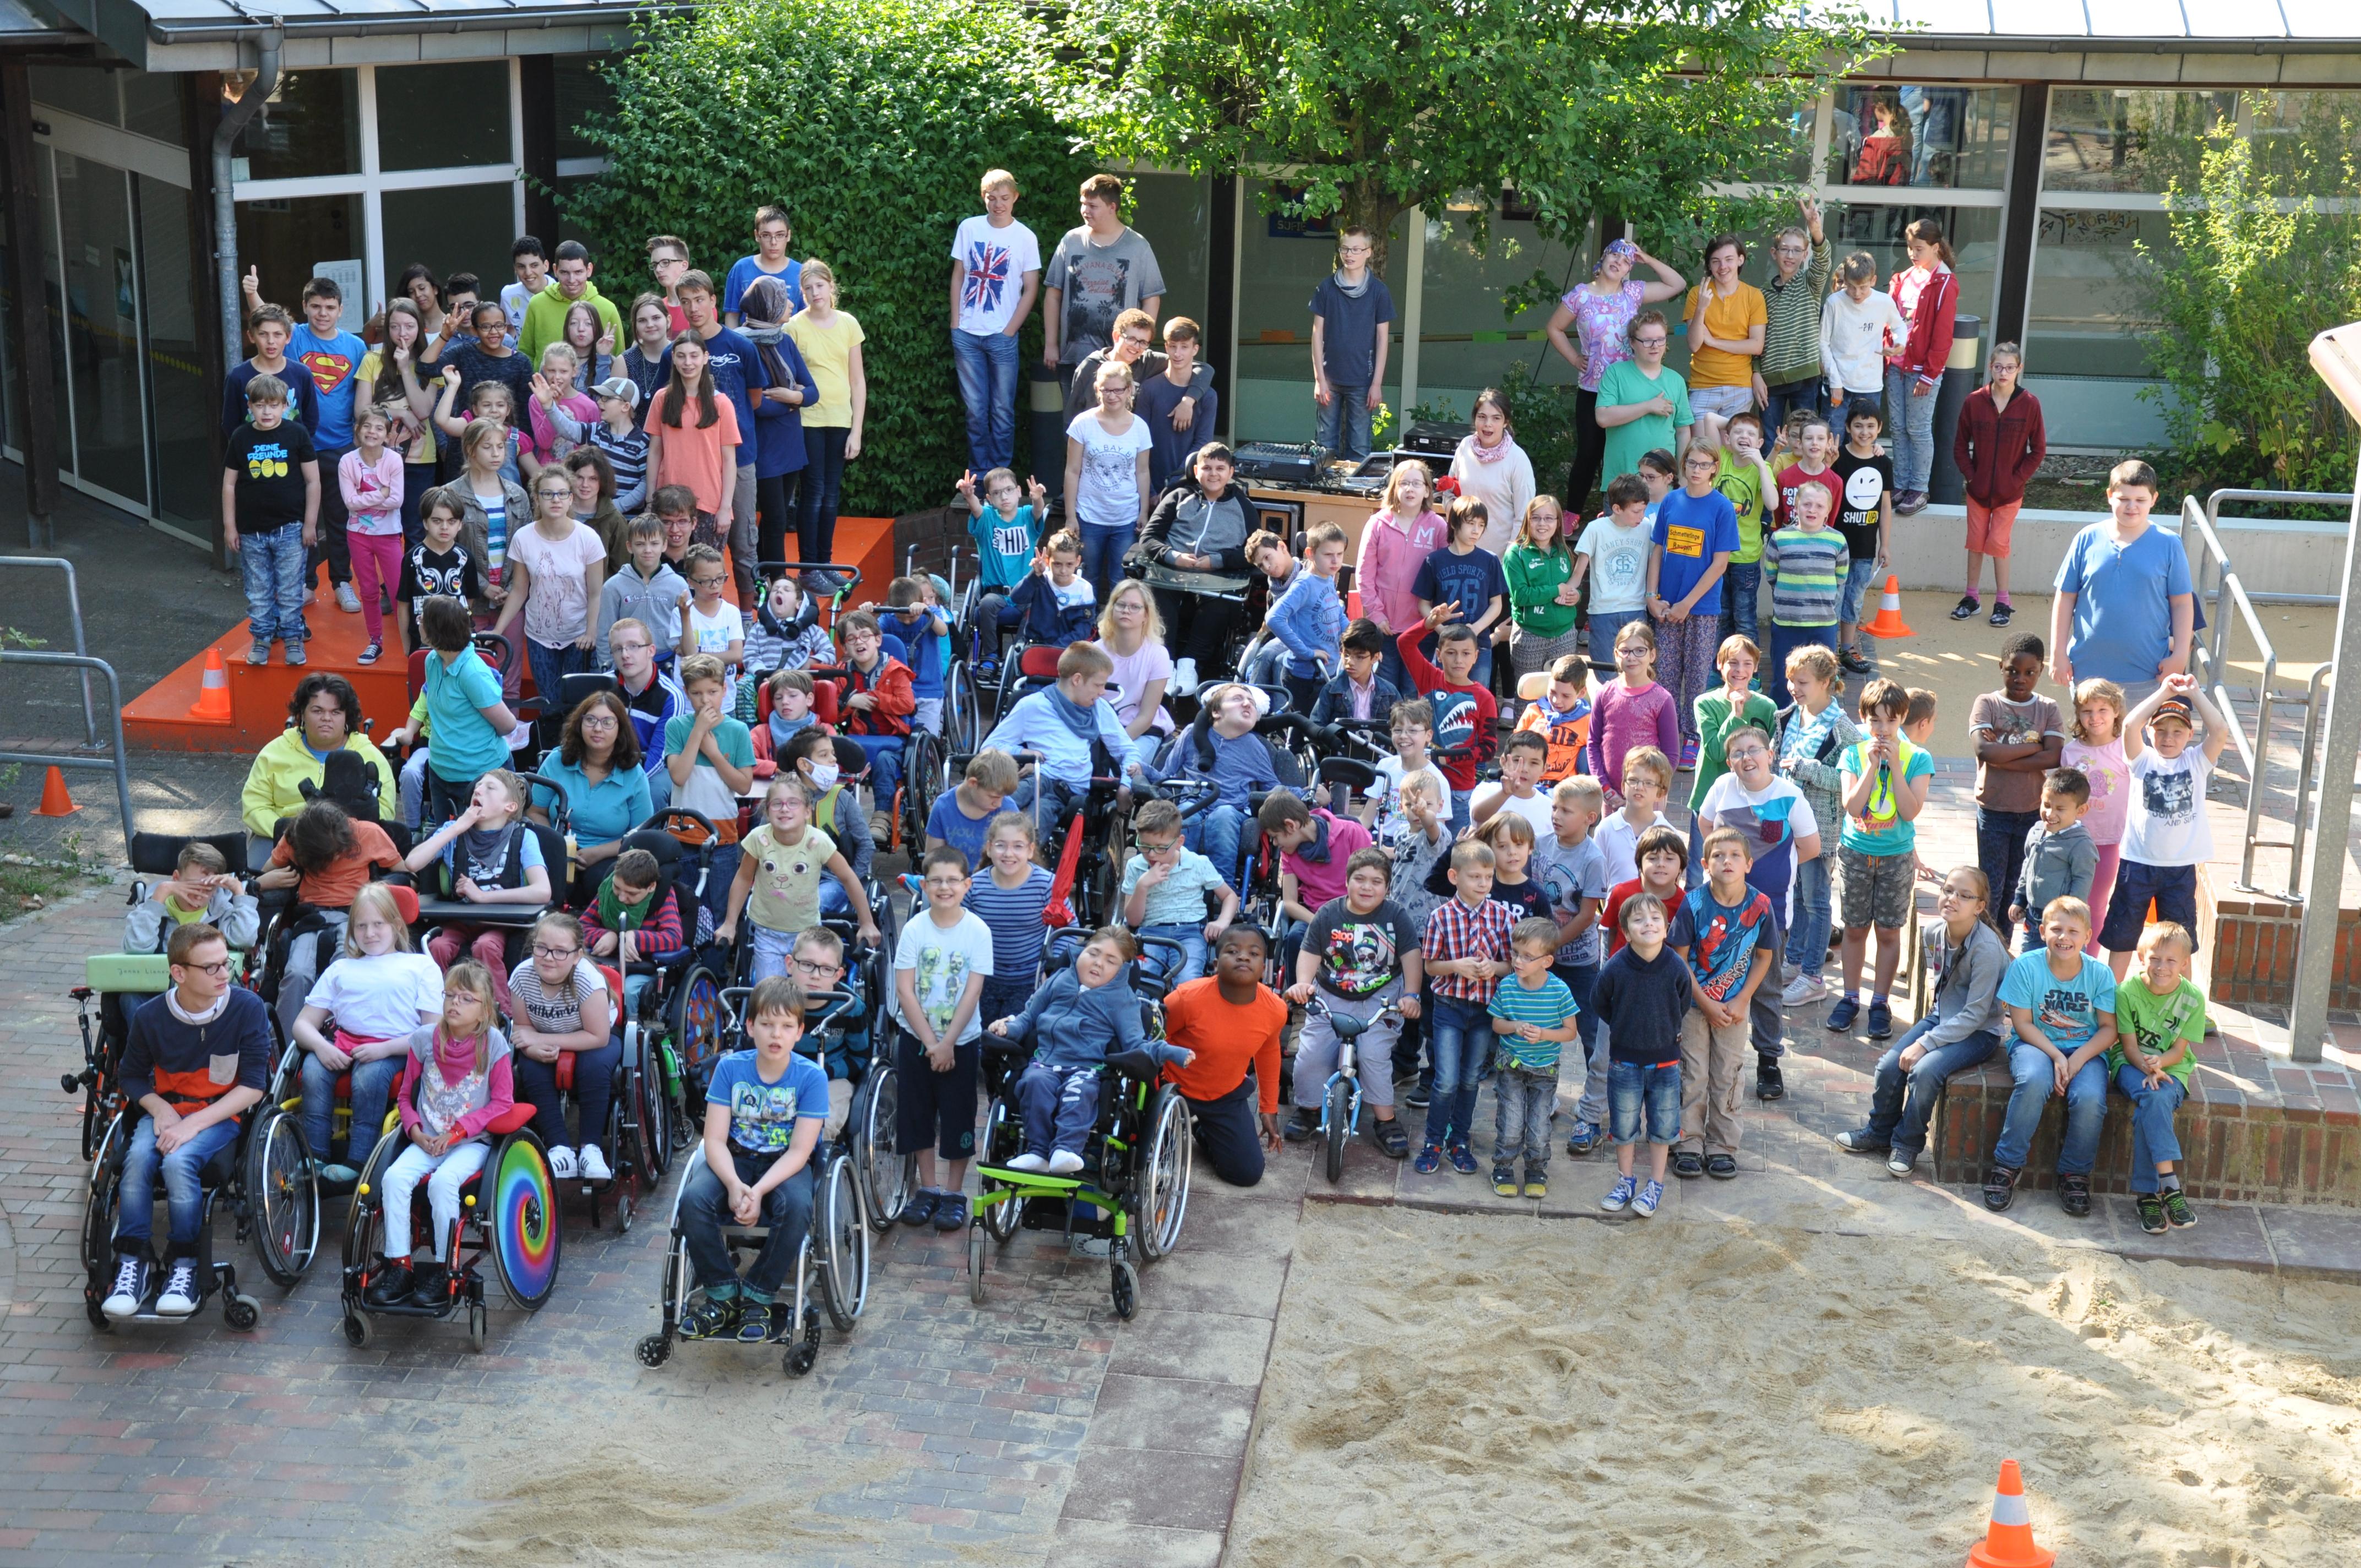 Förderschule Geistige Entwicklung Köln